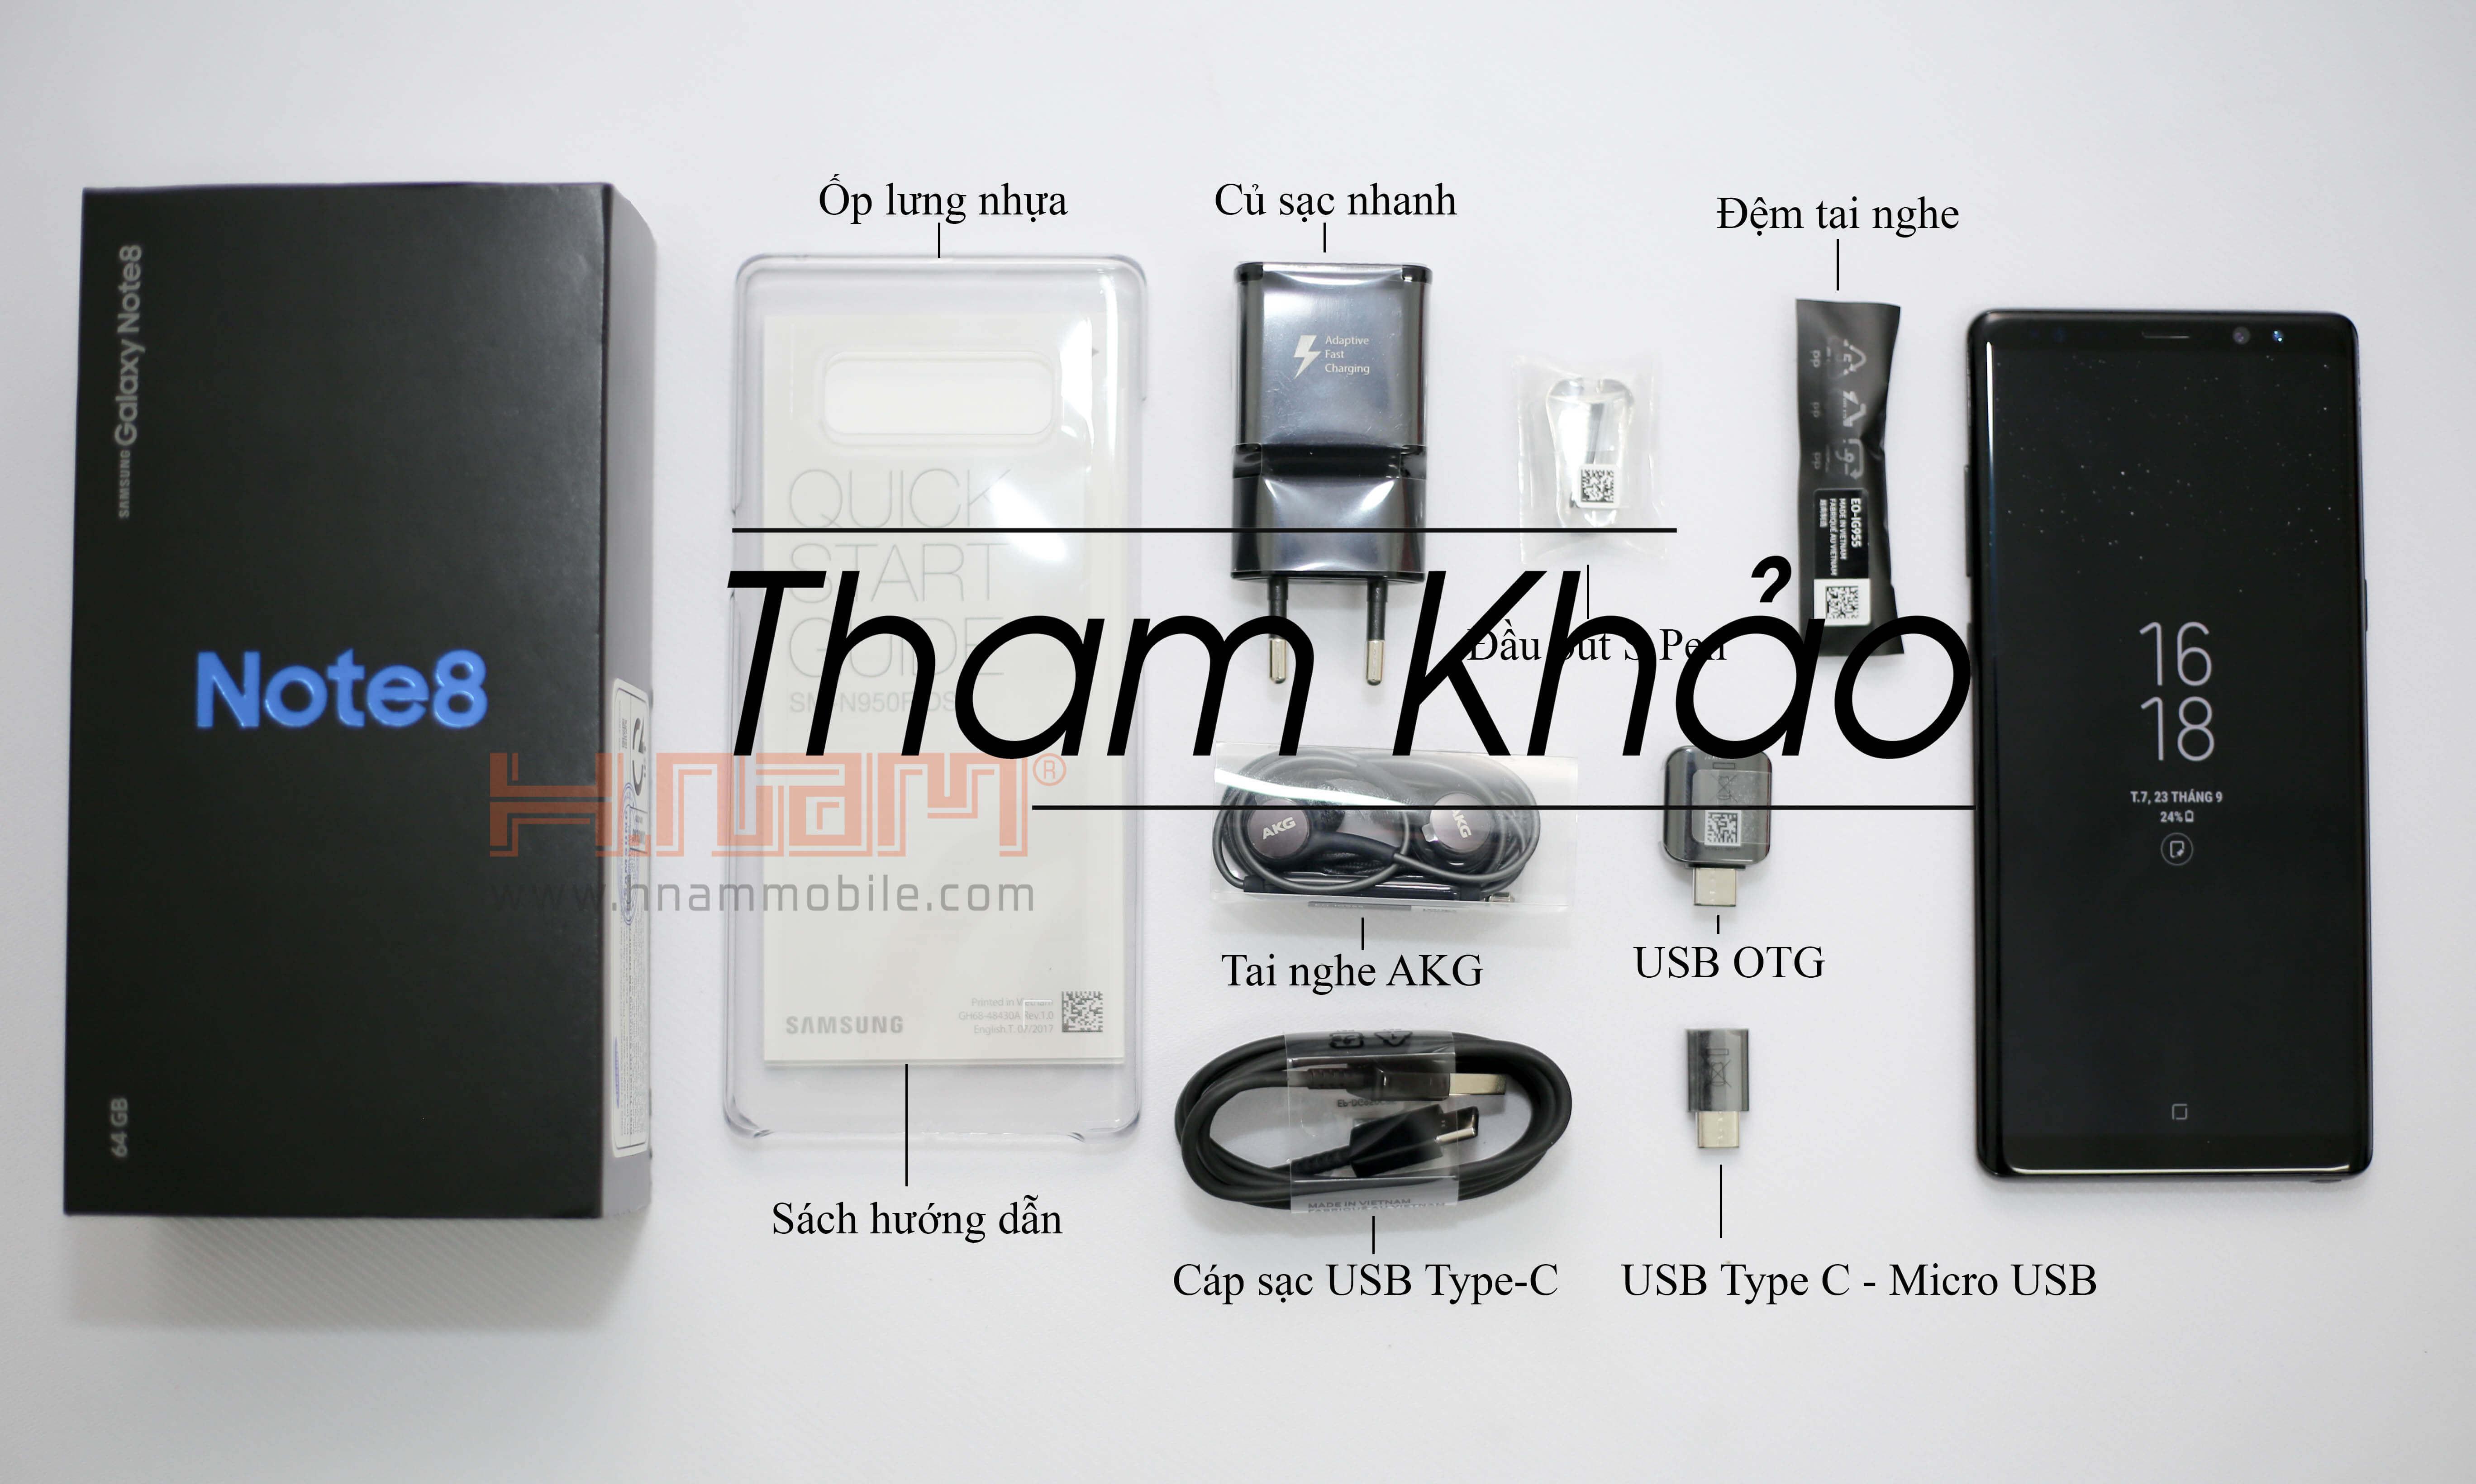 Samsung Galaxy Note 8 N950 hình sản phẩm 0